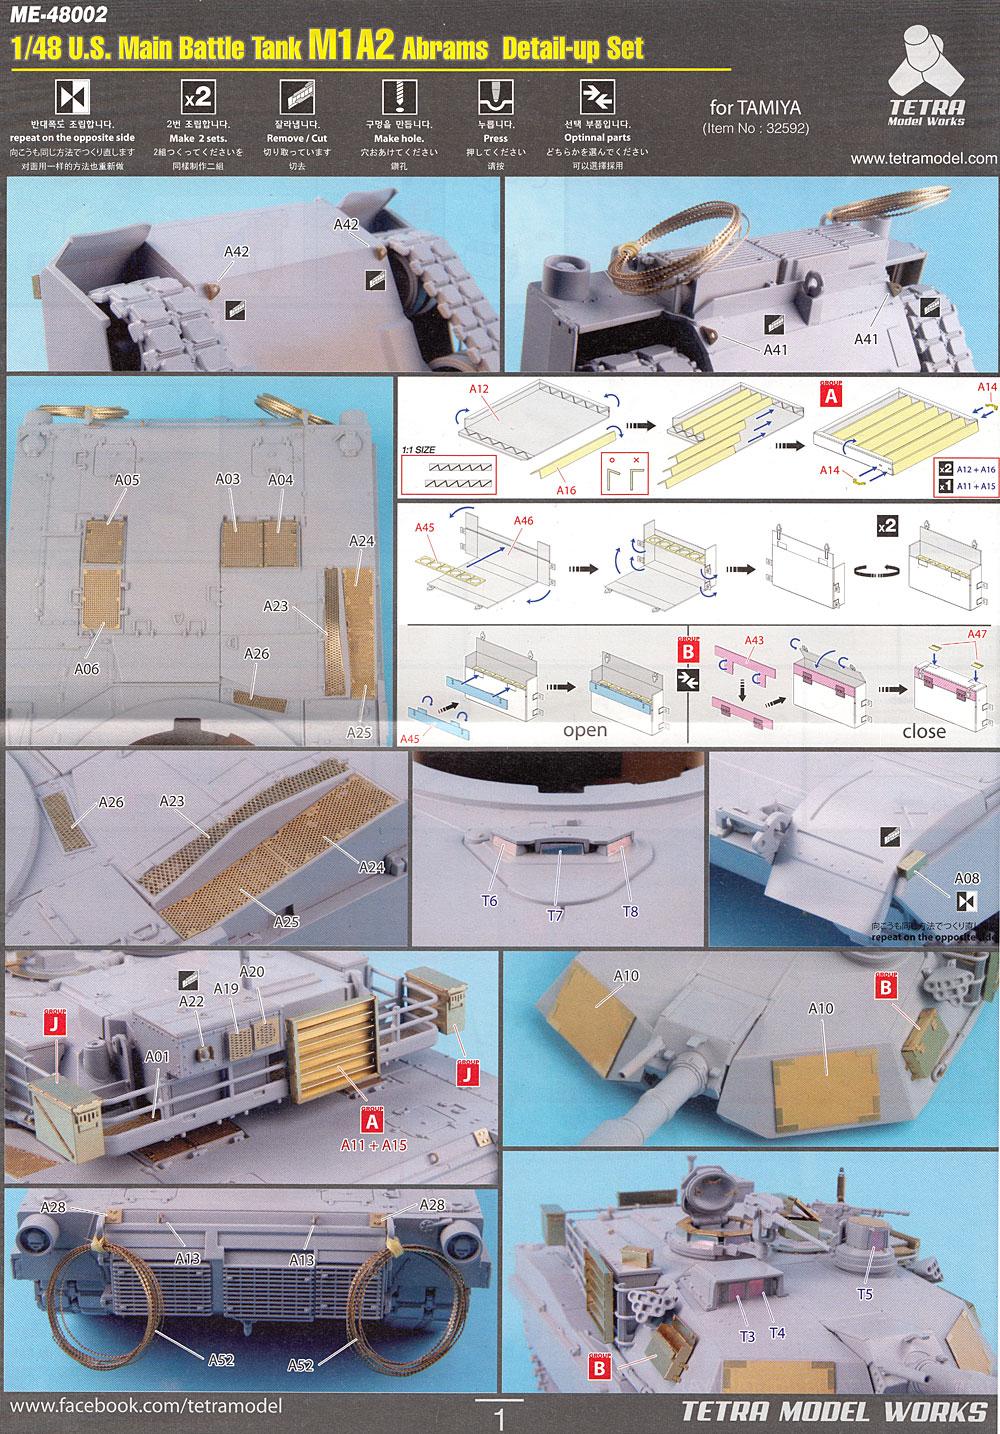 アメリカ M1A2 エイブラムス ディテールアップセット (タミヤ社用)エッチング(テトラモデルワークスAFV エッチングパーツNo.ME-48002)商品画像_2